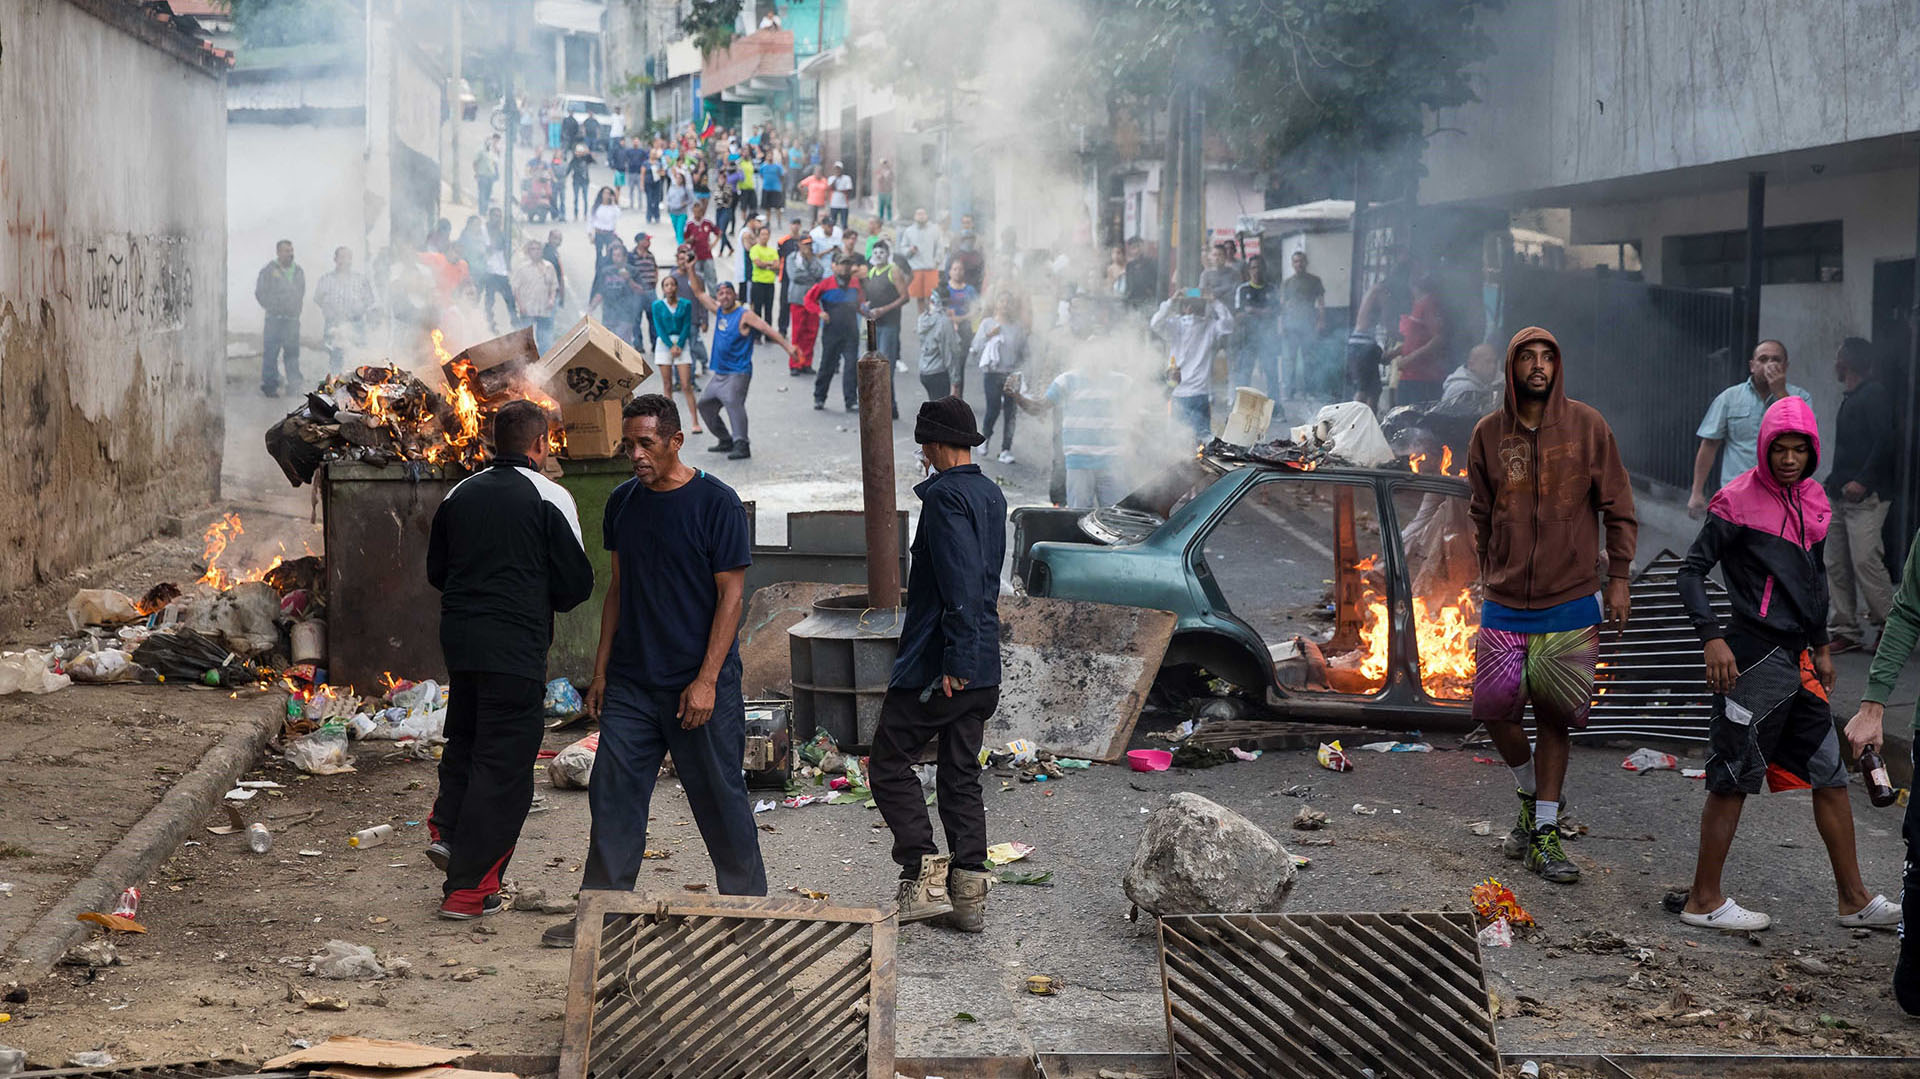 Además, quemaron basura y arrojaron piedras a los oficiales de policía estacionados frente al puesto de la Guardia Nacional